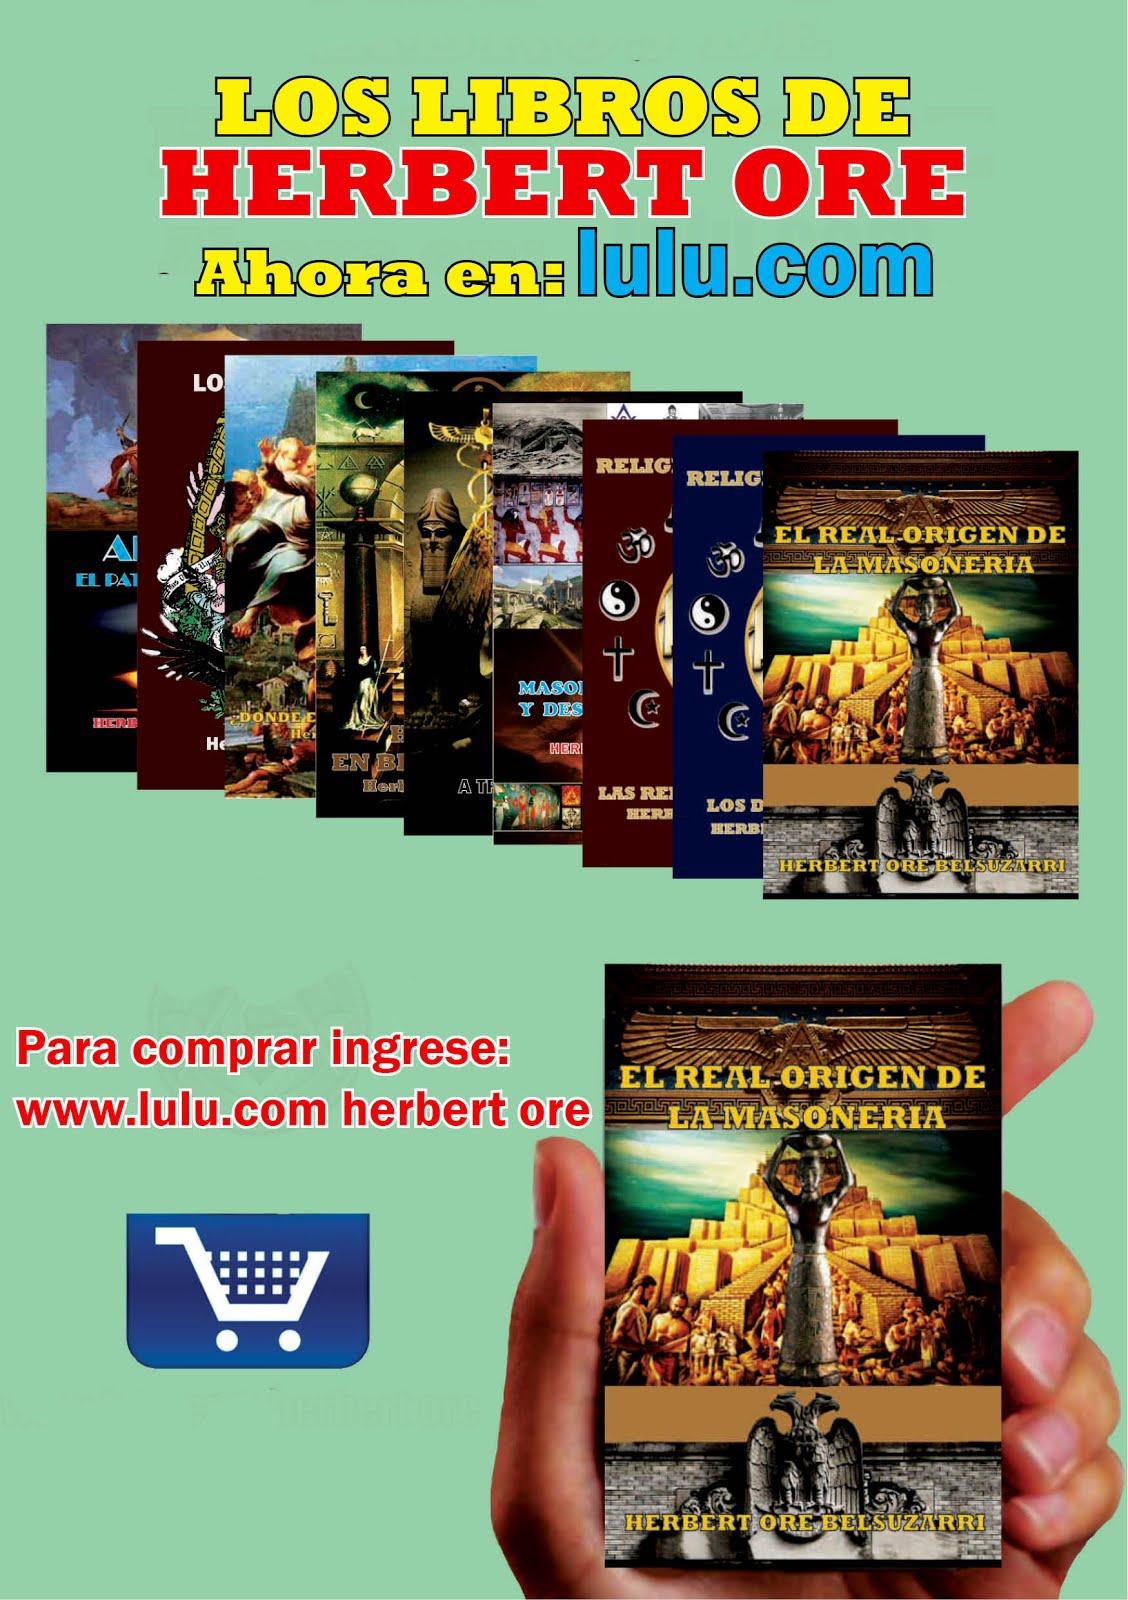 PARA COMPRAR LIBROS DE HERBERT ORE